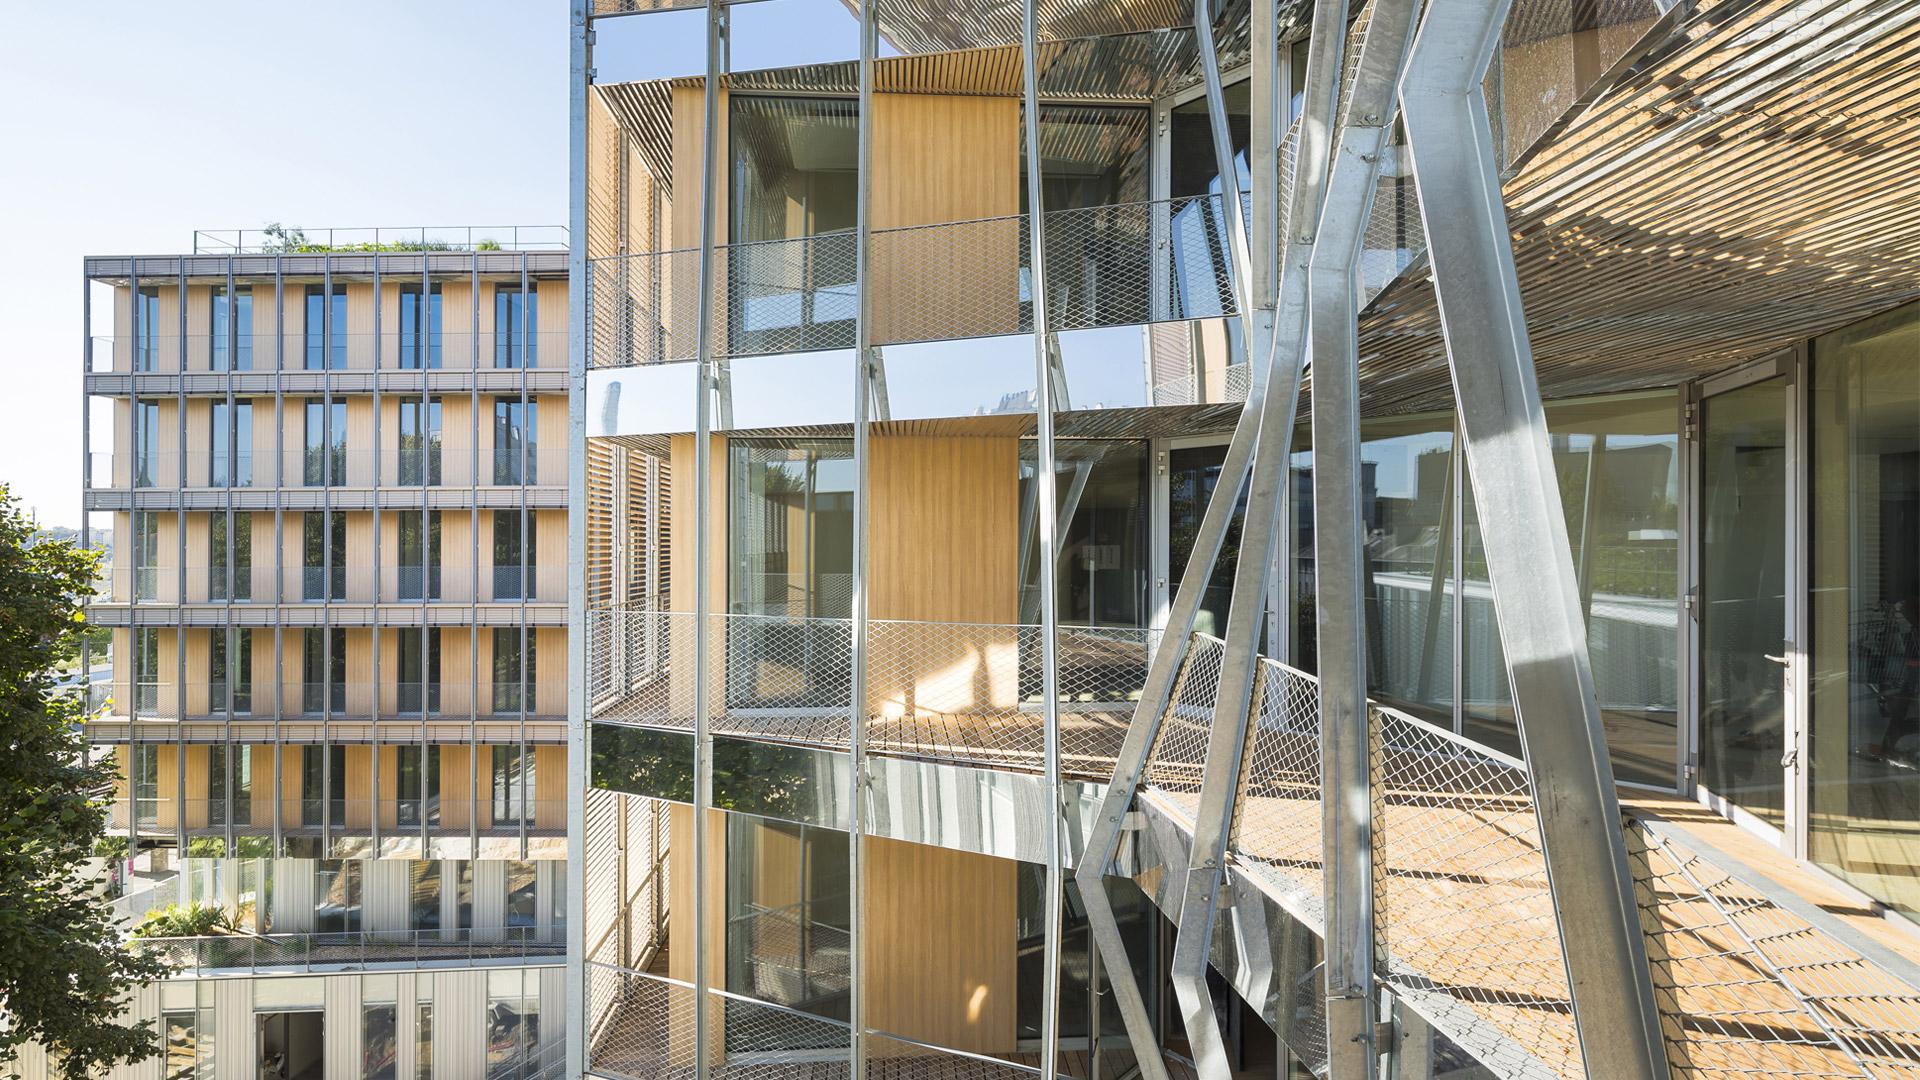 Conseil Départemental de Loire Atlantique | Brenac & Gonzalez et Associés